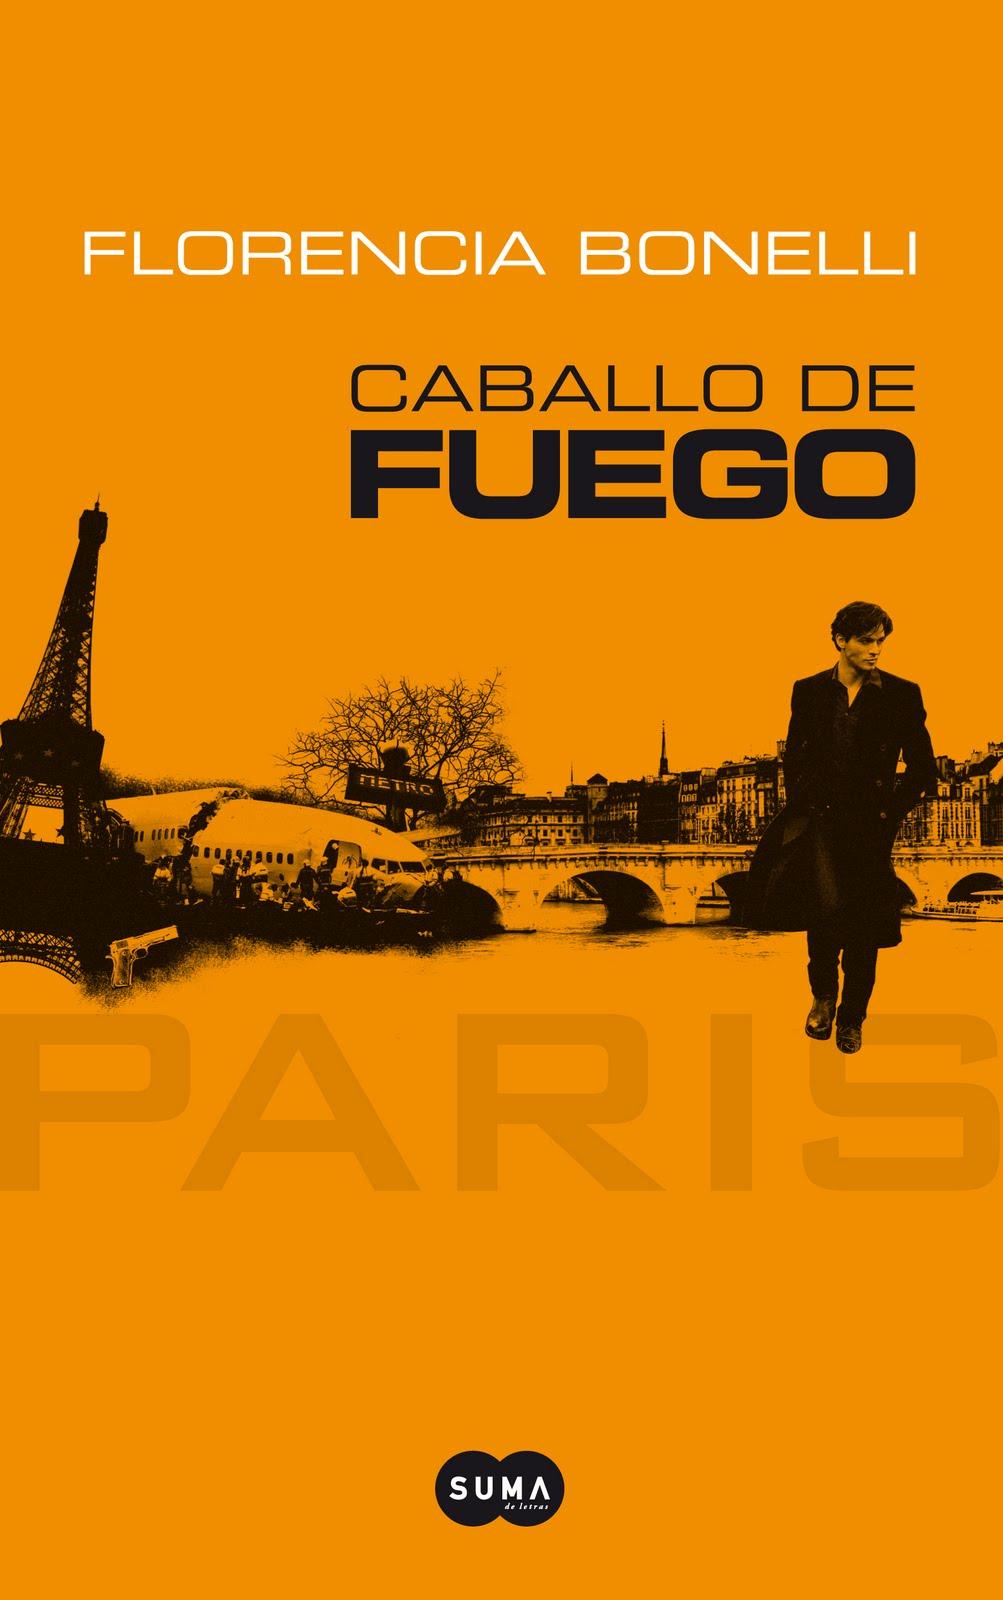 Caballo de fuego París, Saga Caballo de fuego, Florencia Bonelli)